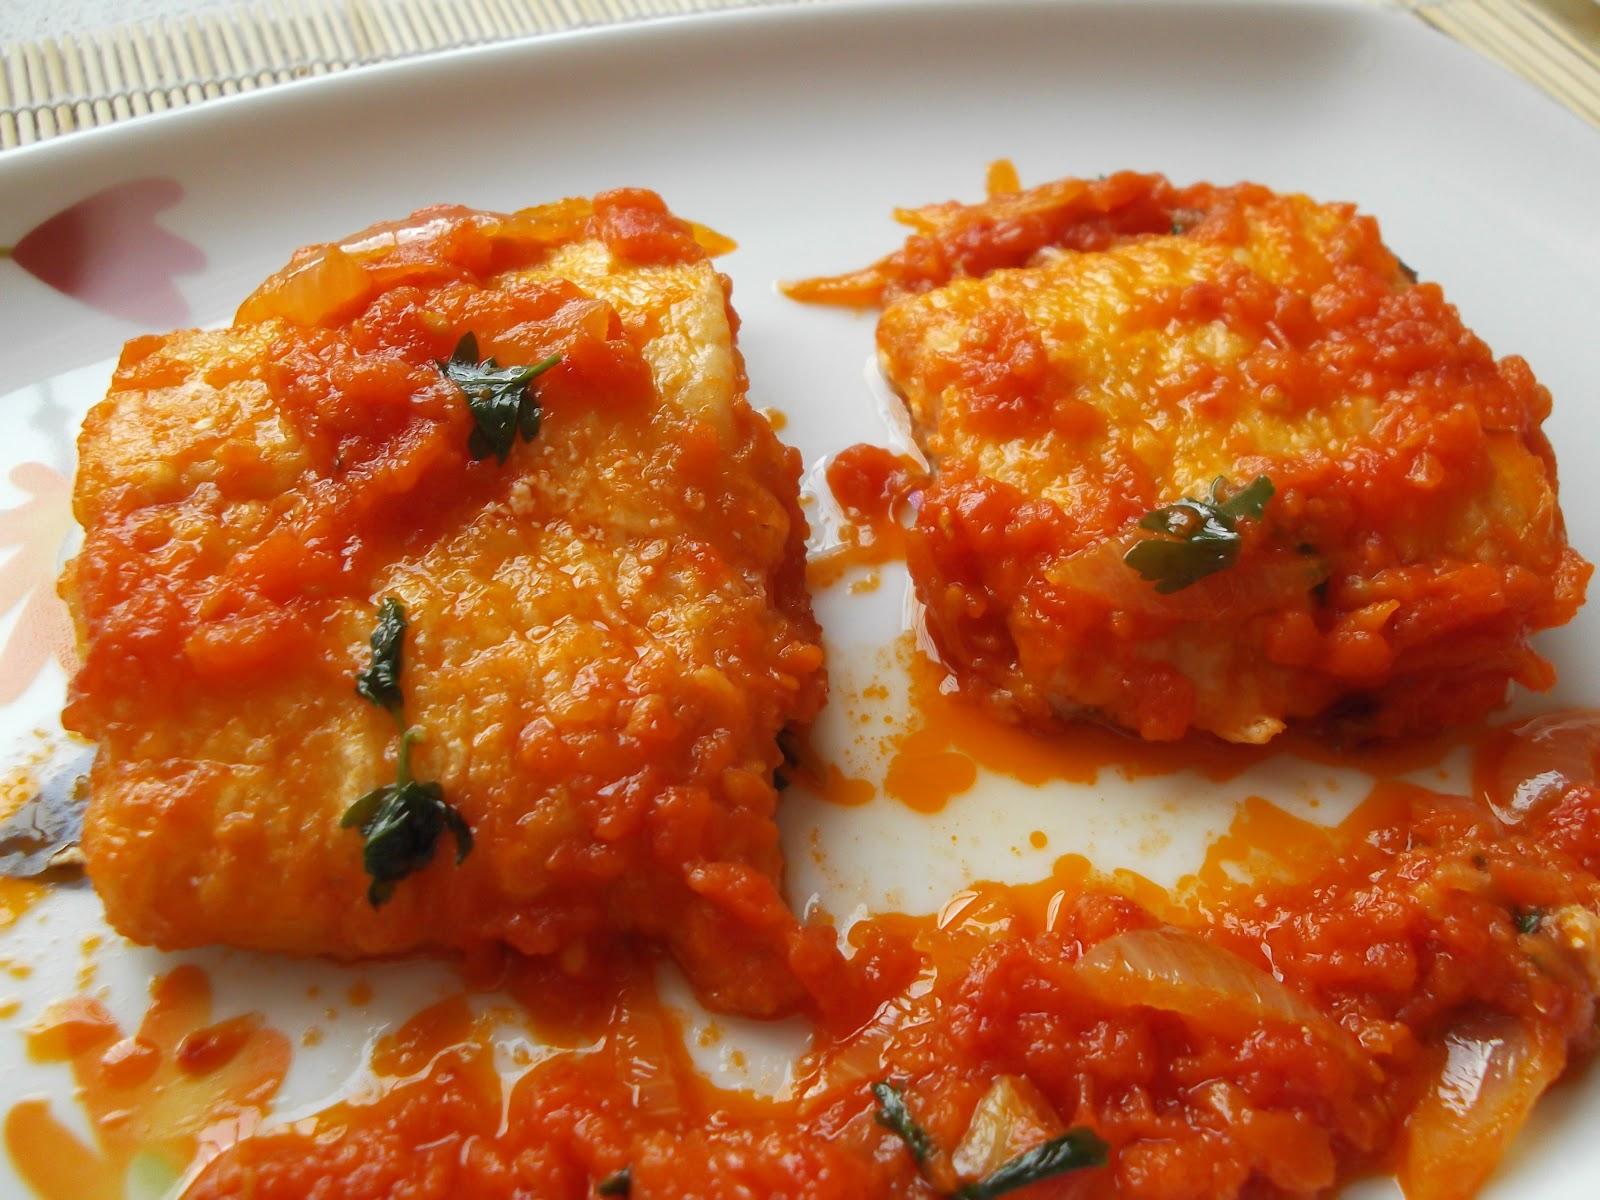 Platos y dulces bacalao con tomate - Bacalao fresco con tomate ...